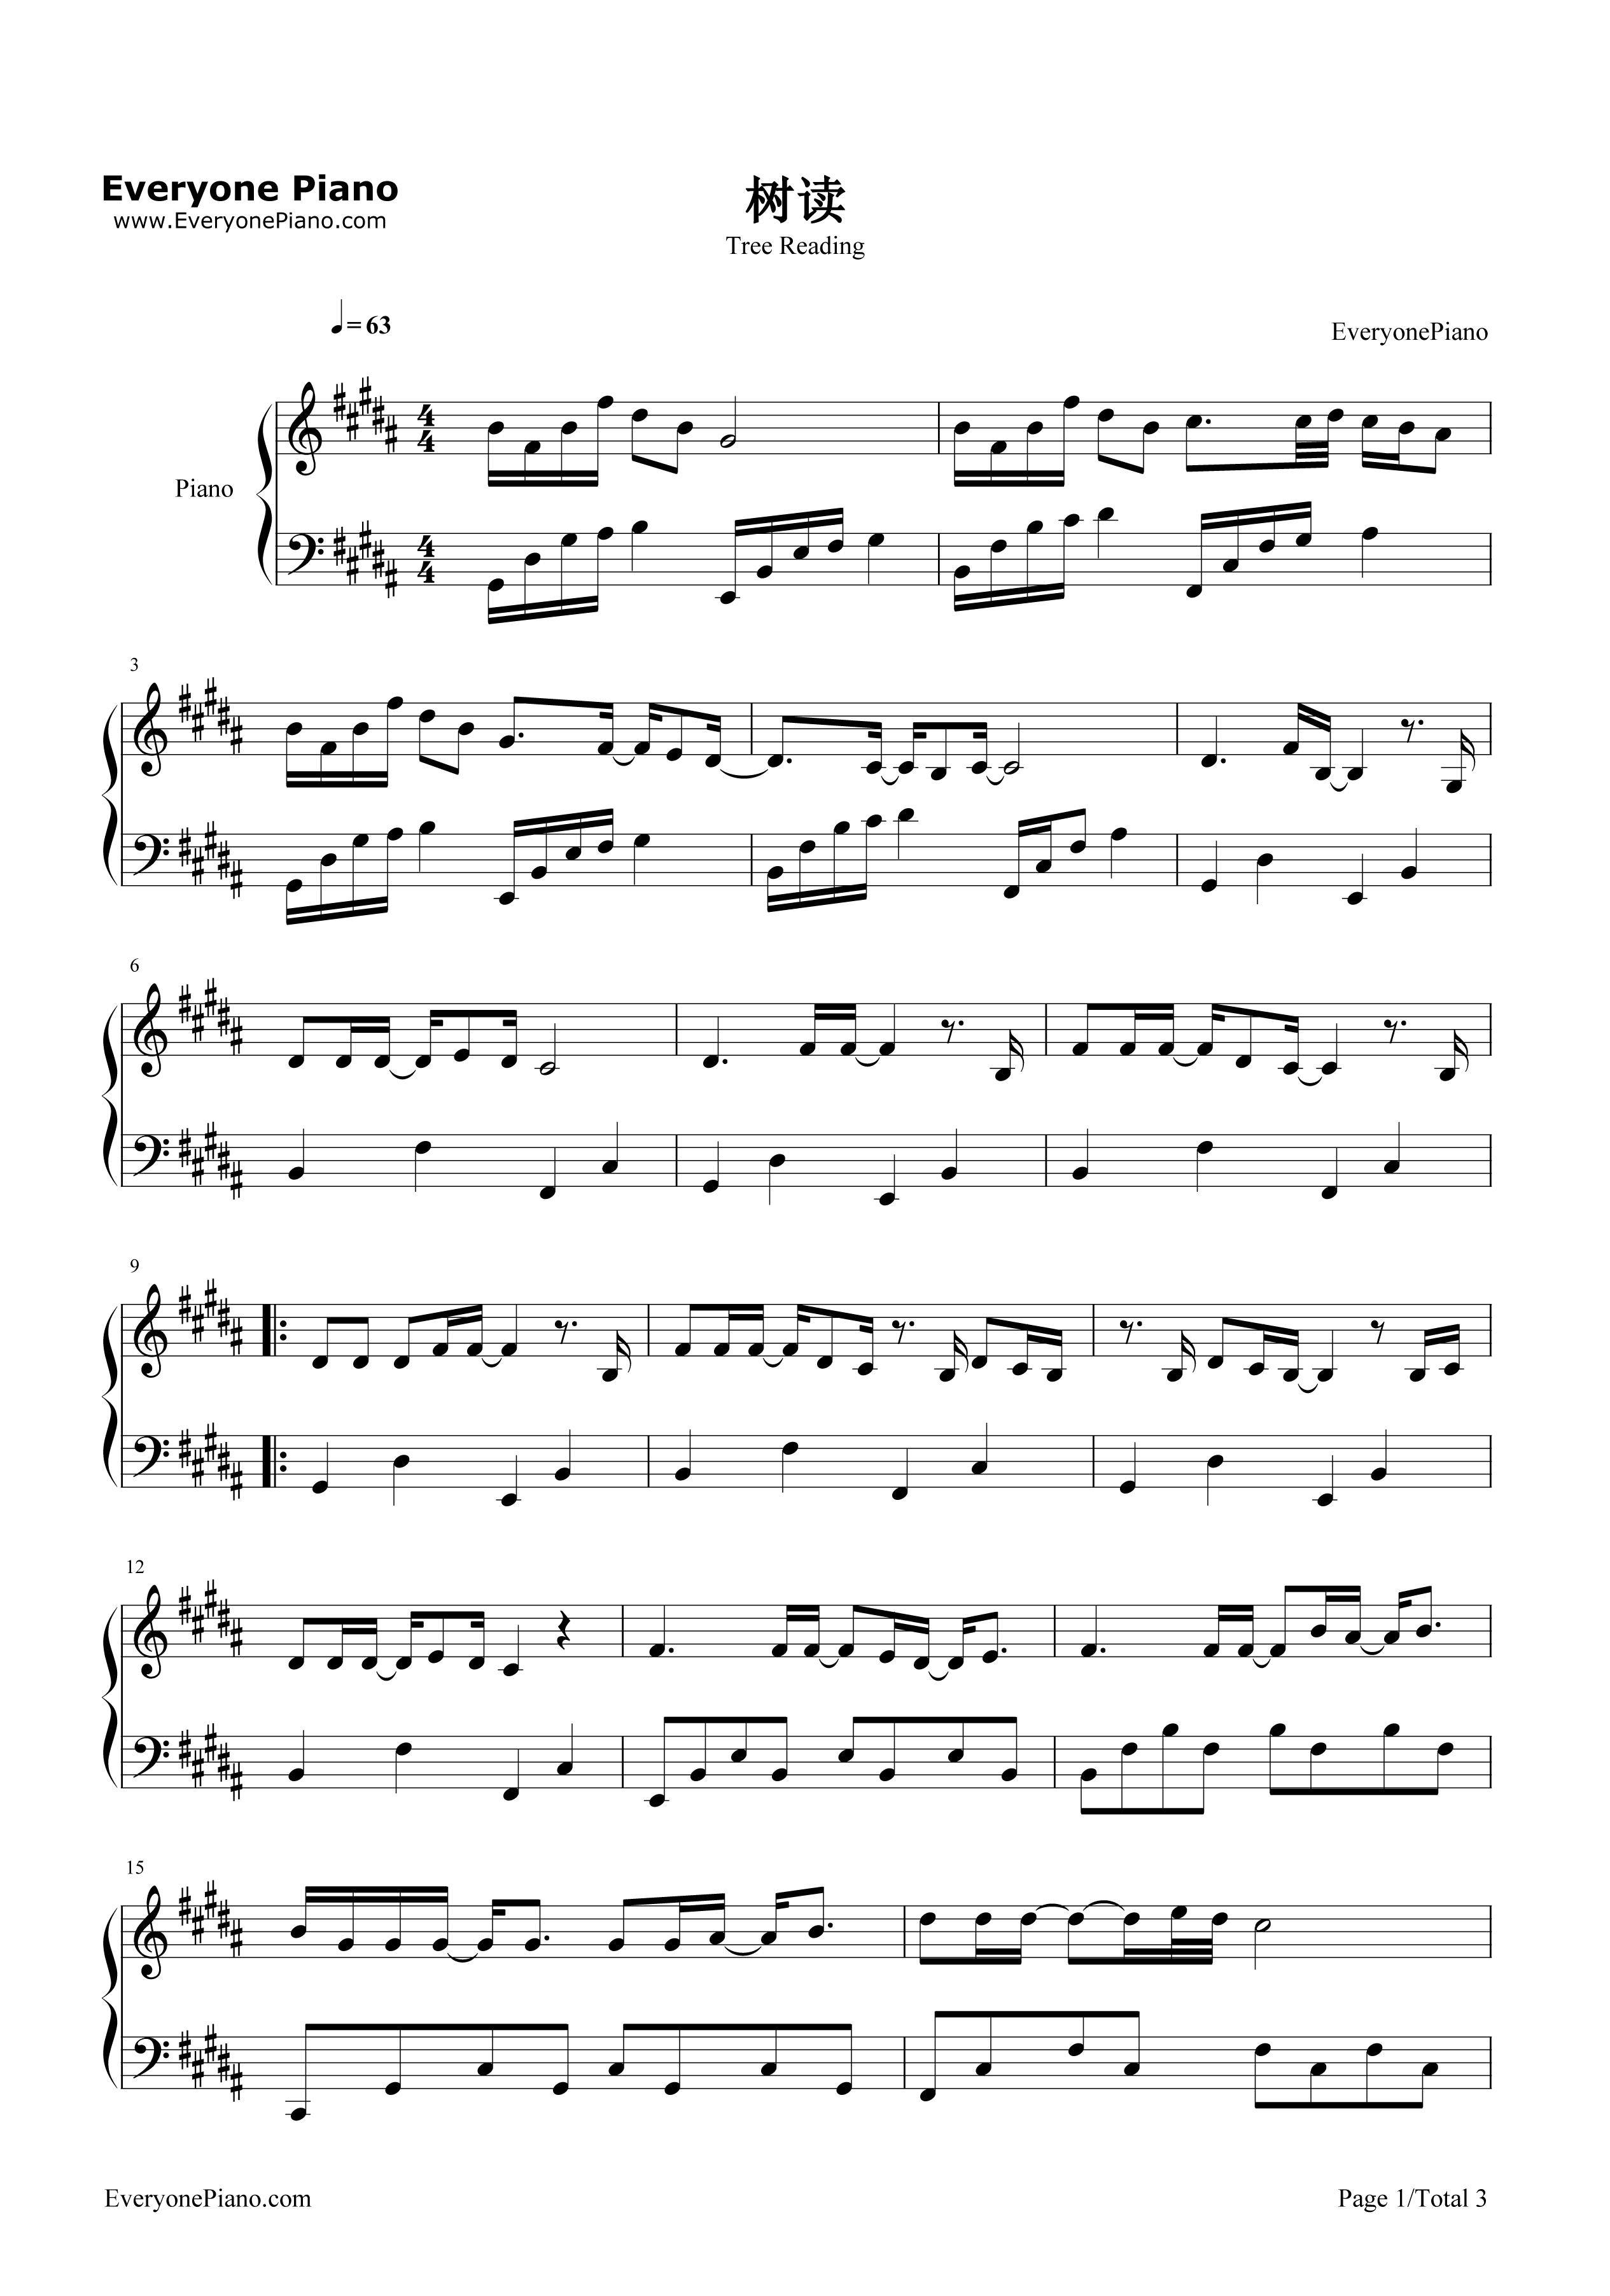 《树读》(王俊凯演唱)钢琴谱第1张